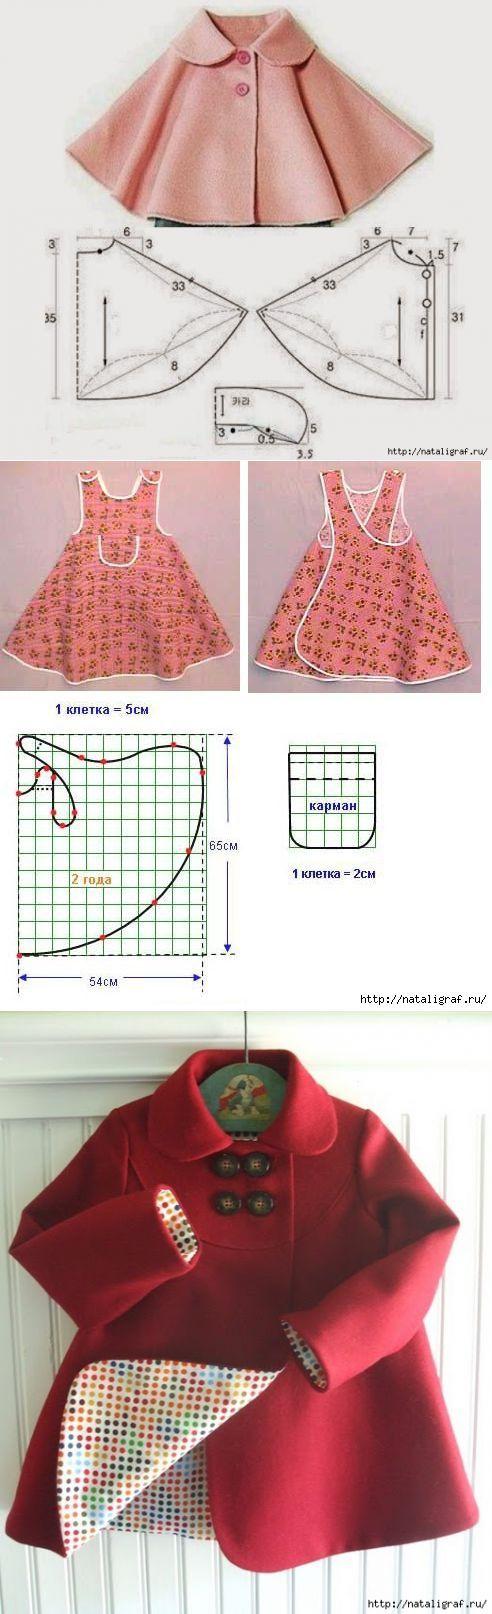 La ropa infantil con los patrones   costura   Pinterest   Ropa, Ropa ...